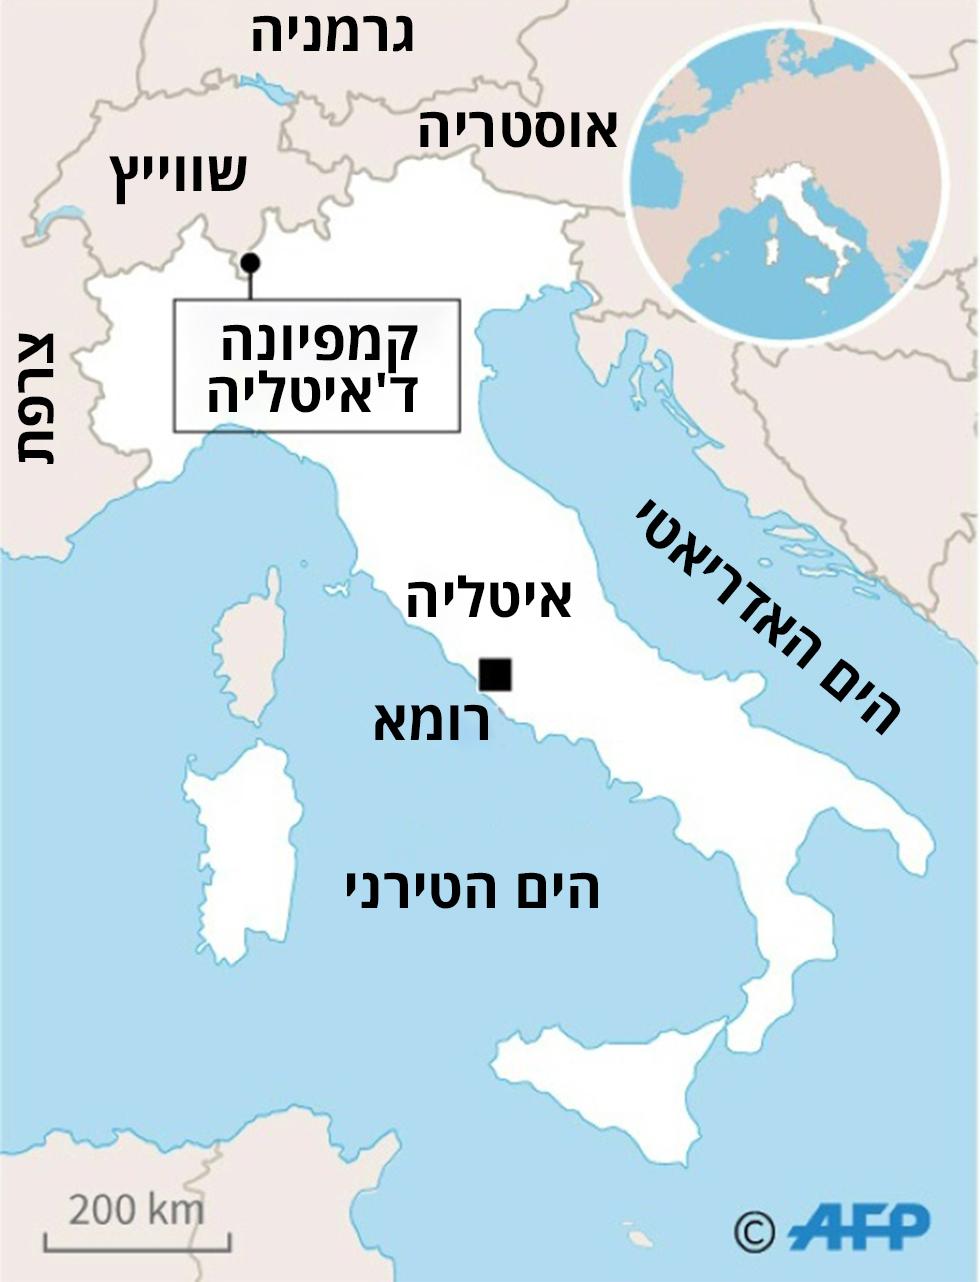 מפה מובלעת של איטליה ב שווייץ קמפיונה ד'איטליה  ()